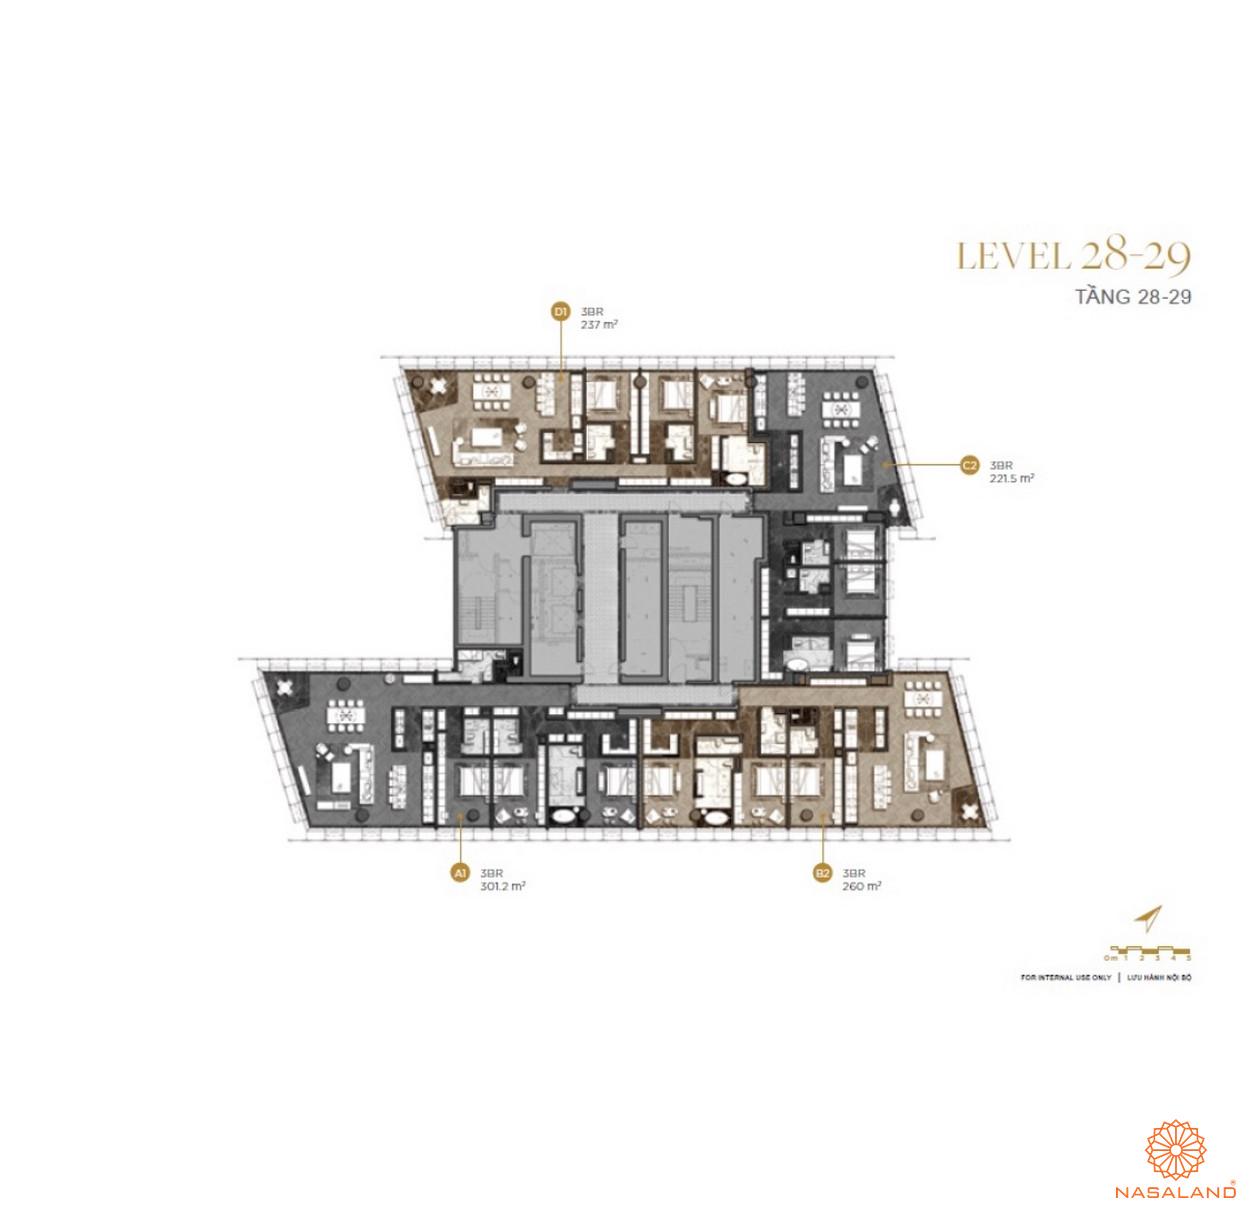 Mặt bằng căn hộ The Vertex Private Residences tầng 28-29